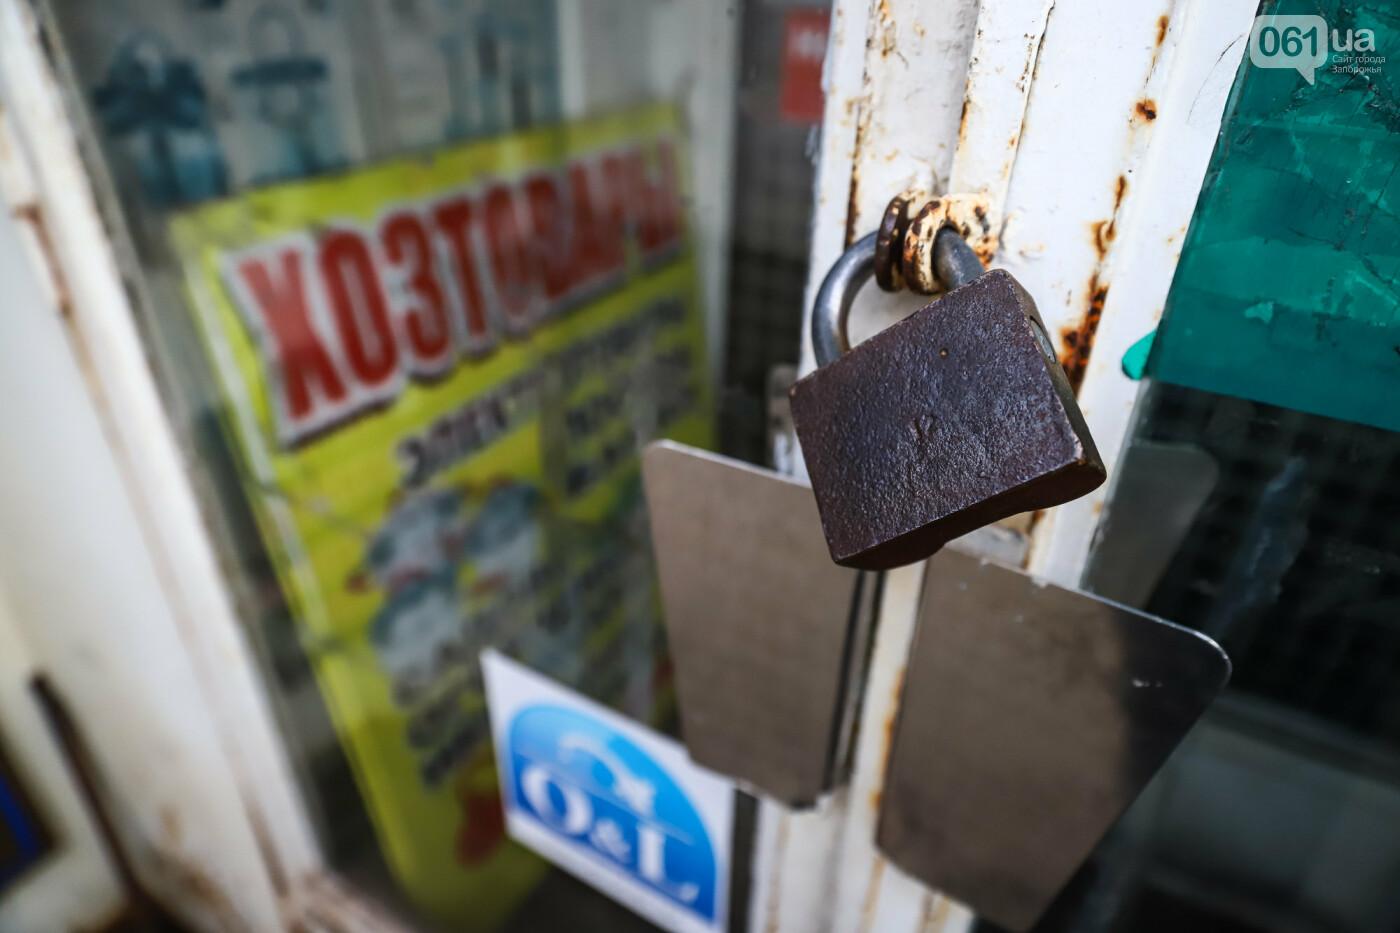 Защитные ленты на товарах, неработающие ТРЦ и полузакрытые рынки – фоторепортаж о первом дне локдауна в Запорожье, фото-8